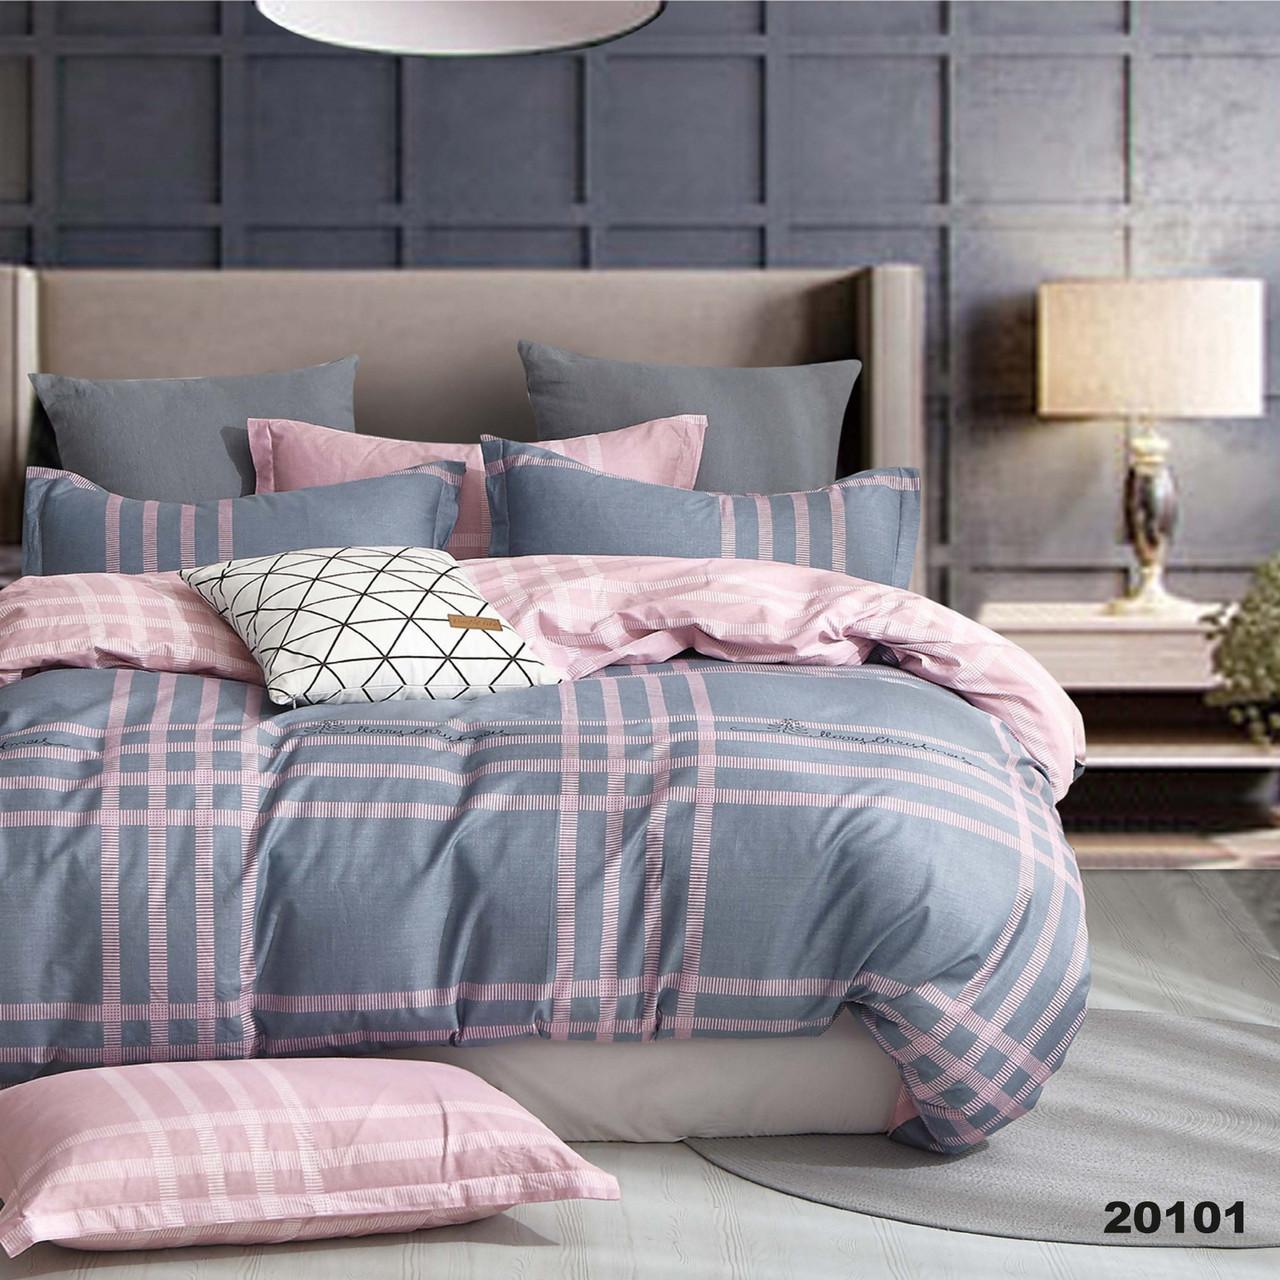 Комплект постельного белья Viluta Ранфорс двуспальный 20101